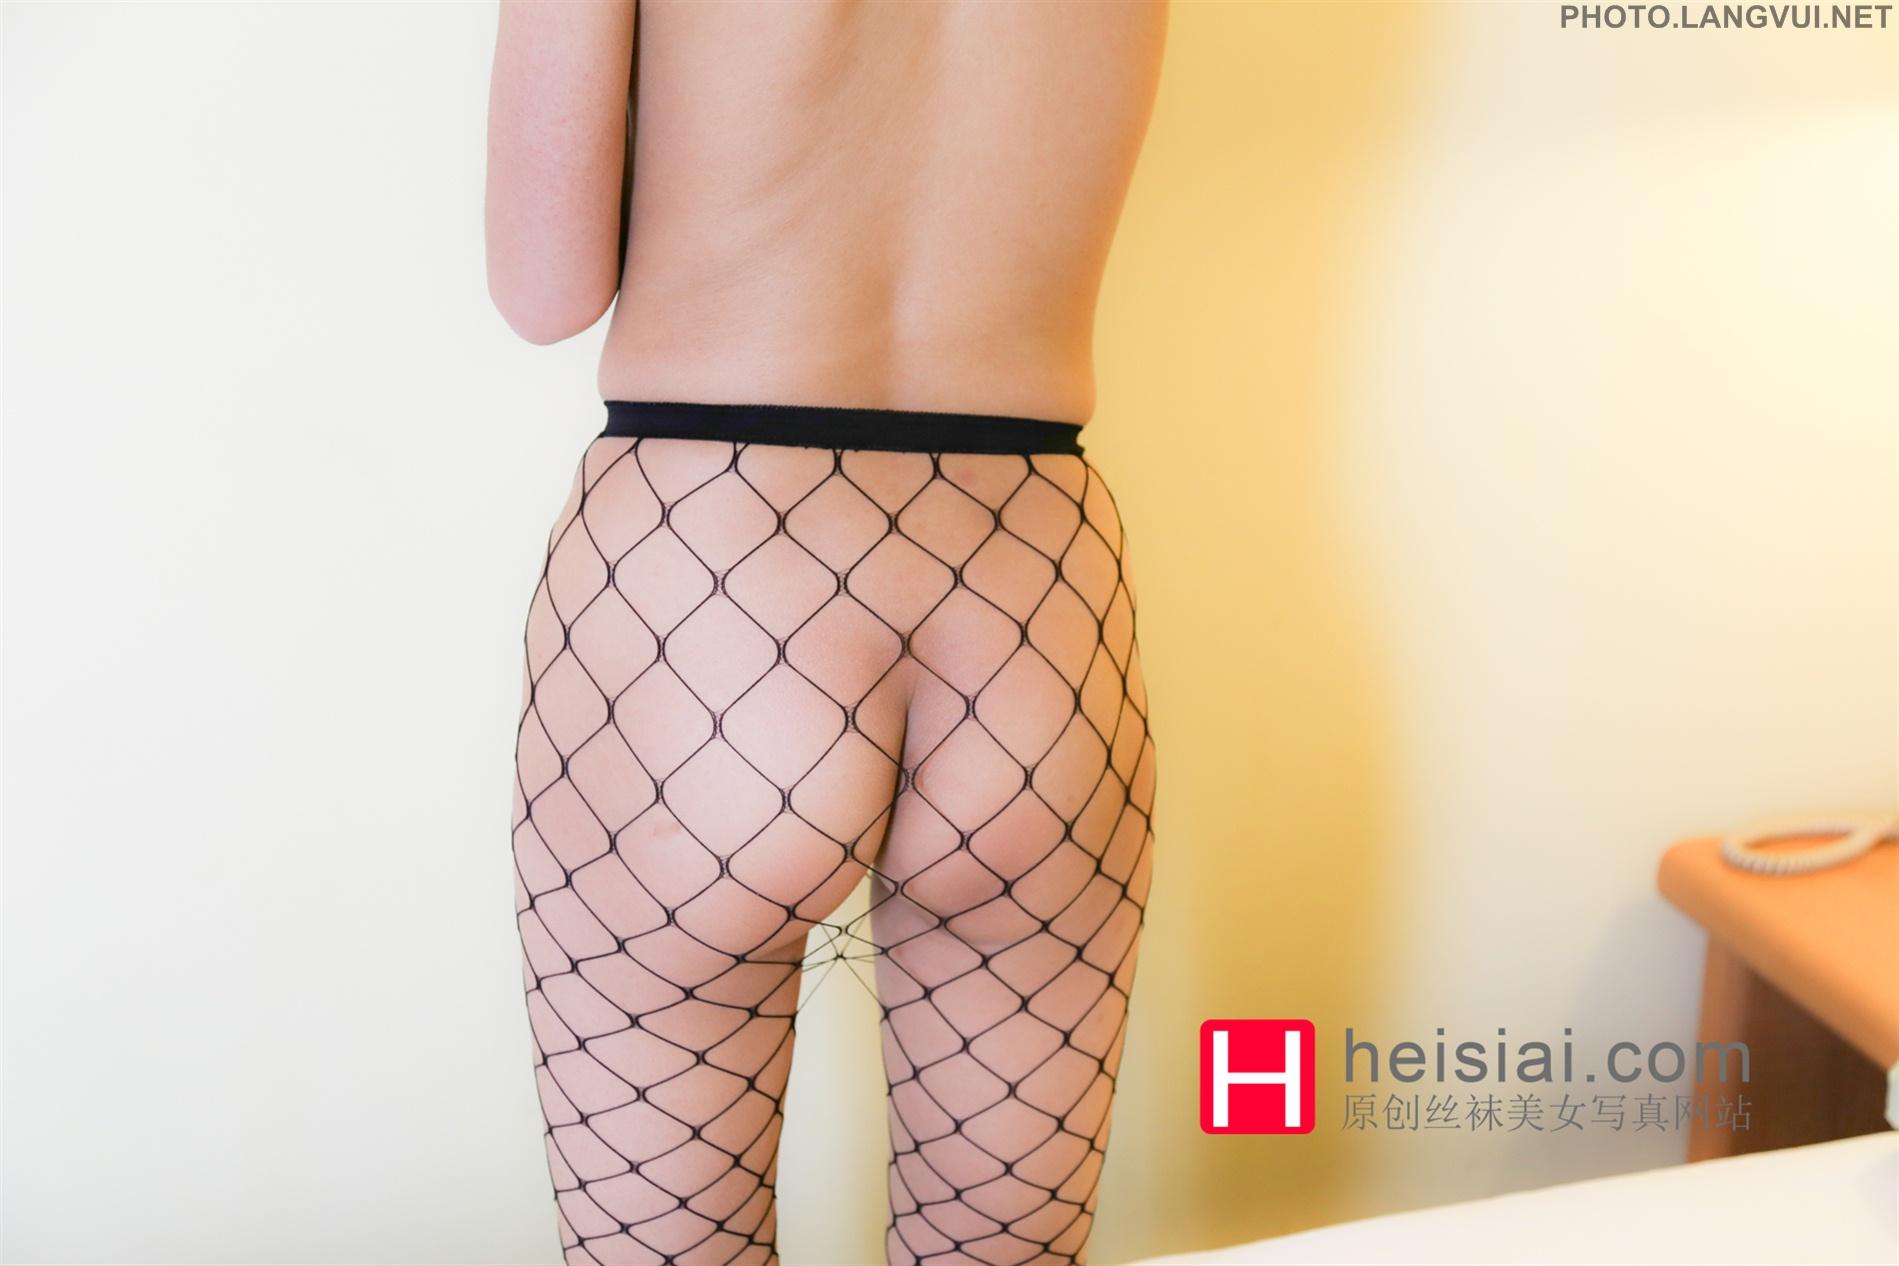 HeiSiAi No 060